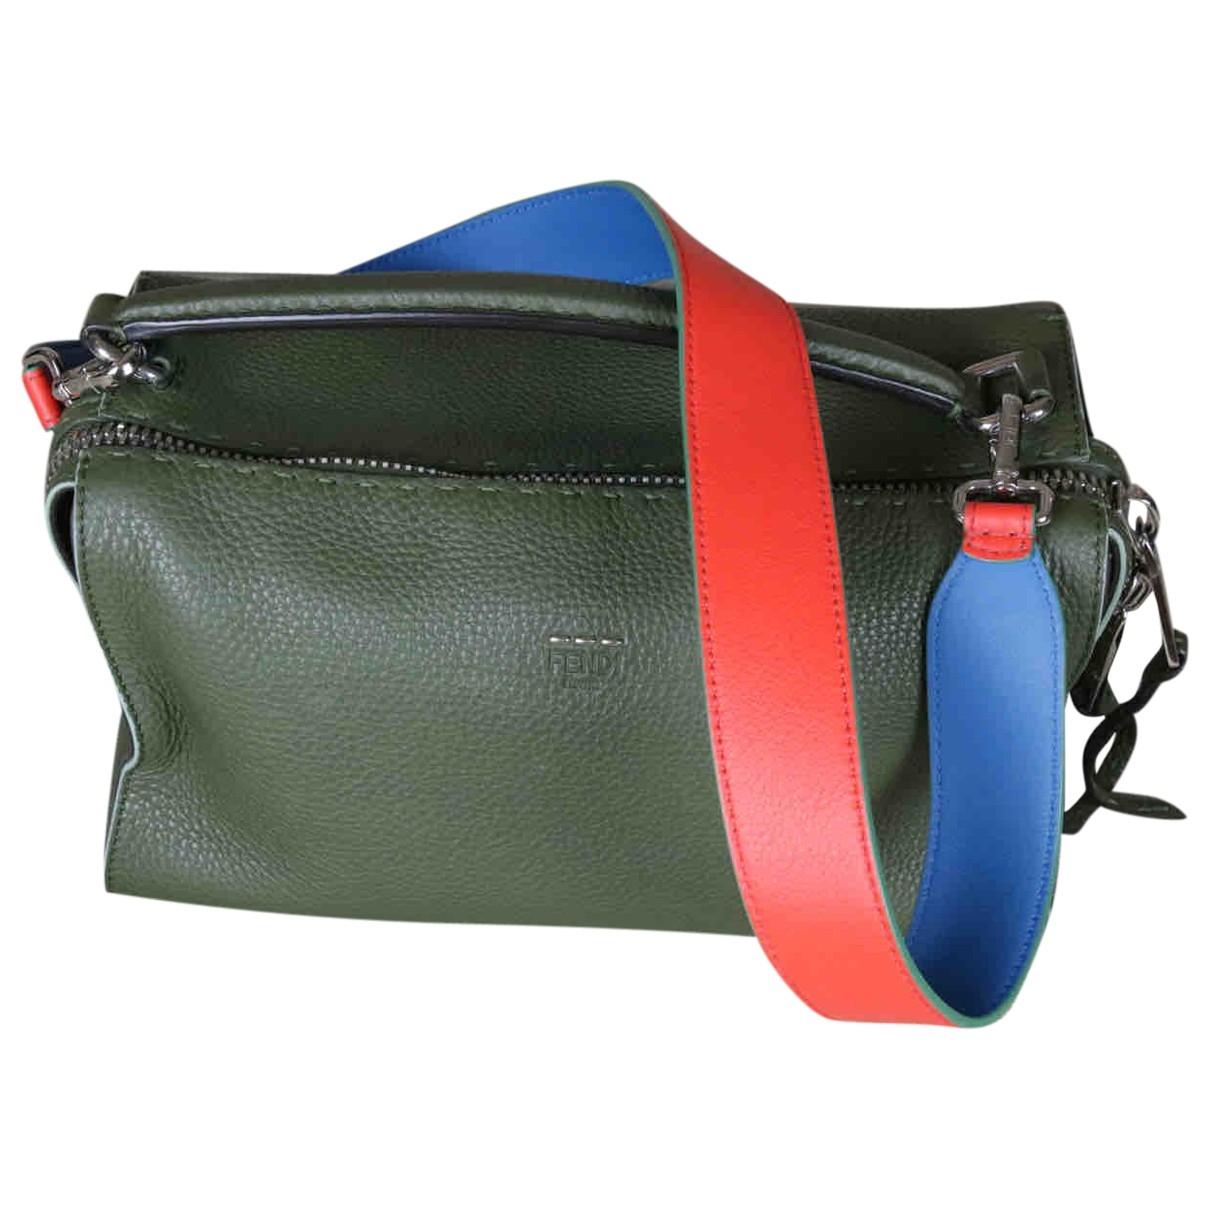 Fendi Sac Lei Handtasche in  Gruen Leder